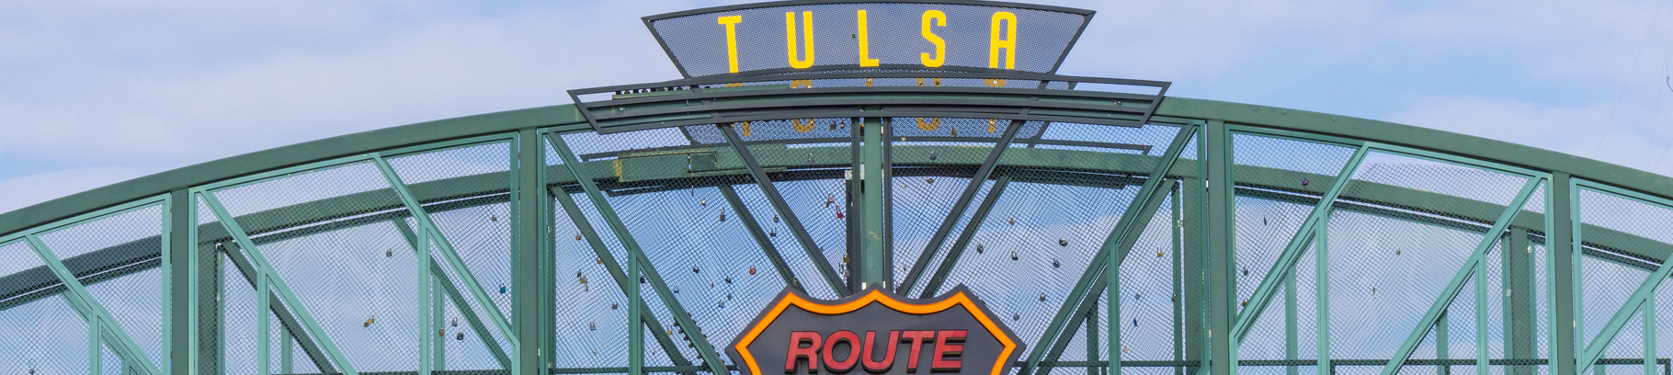 Bild von Tulsa County